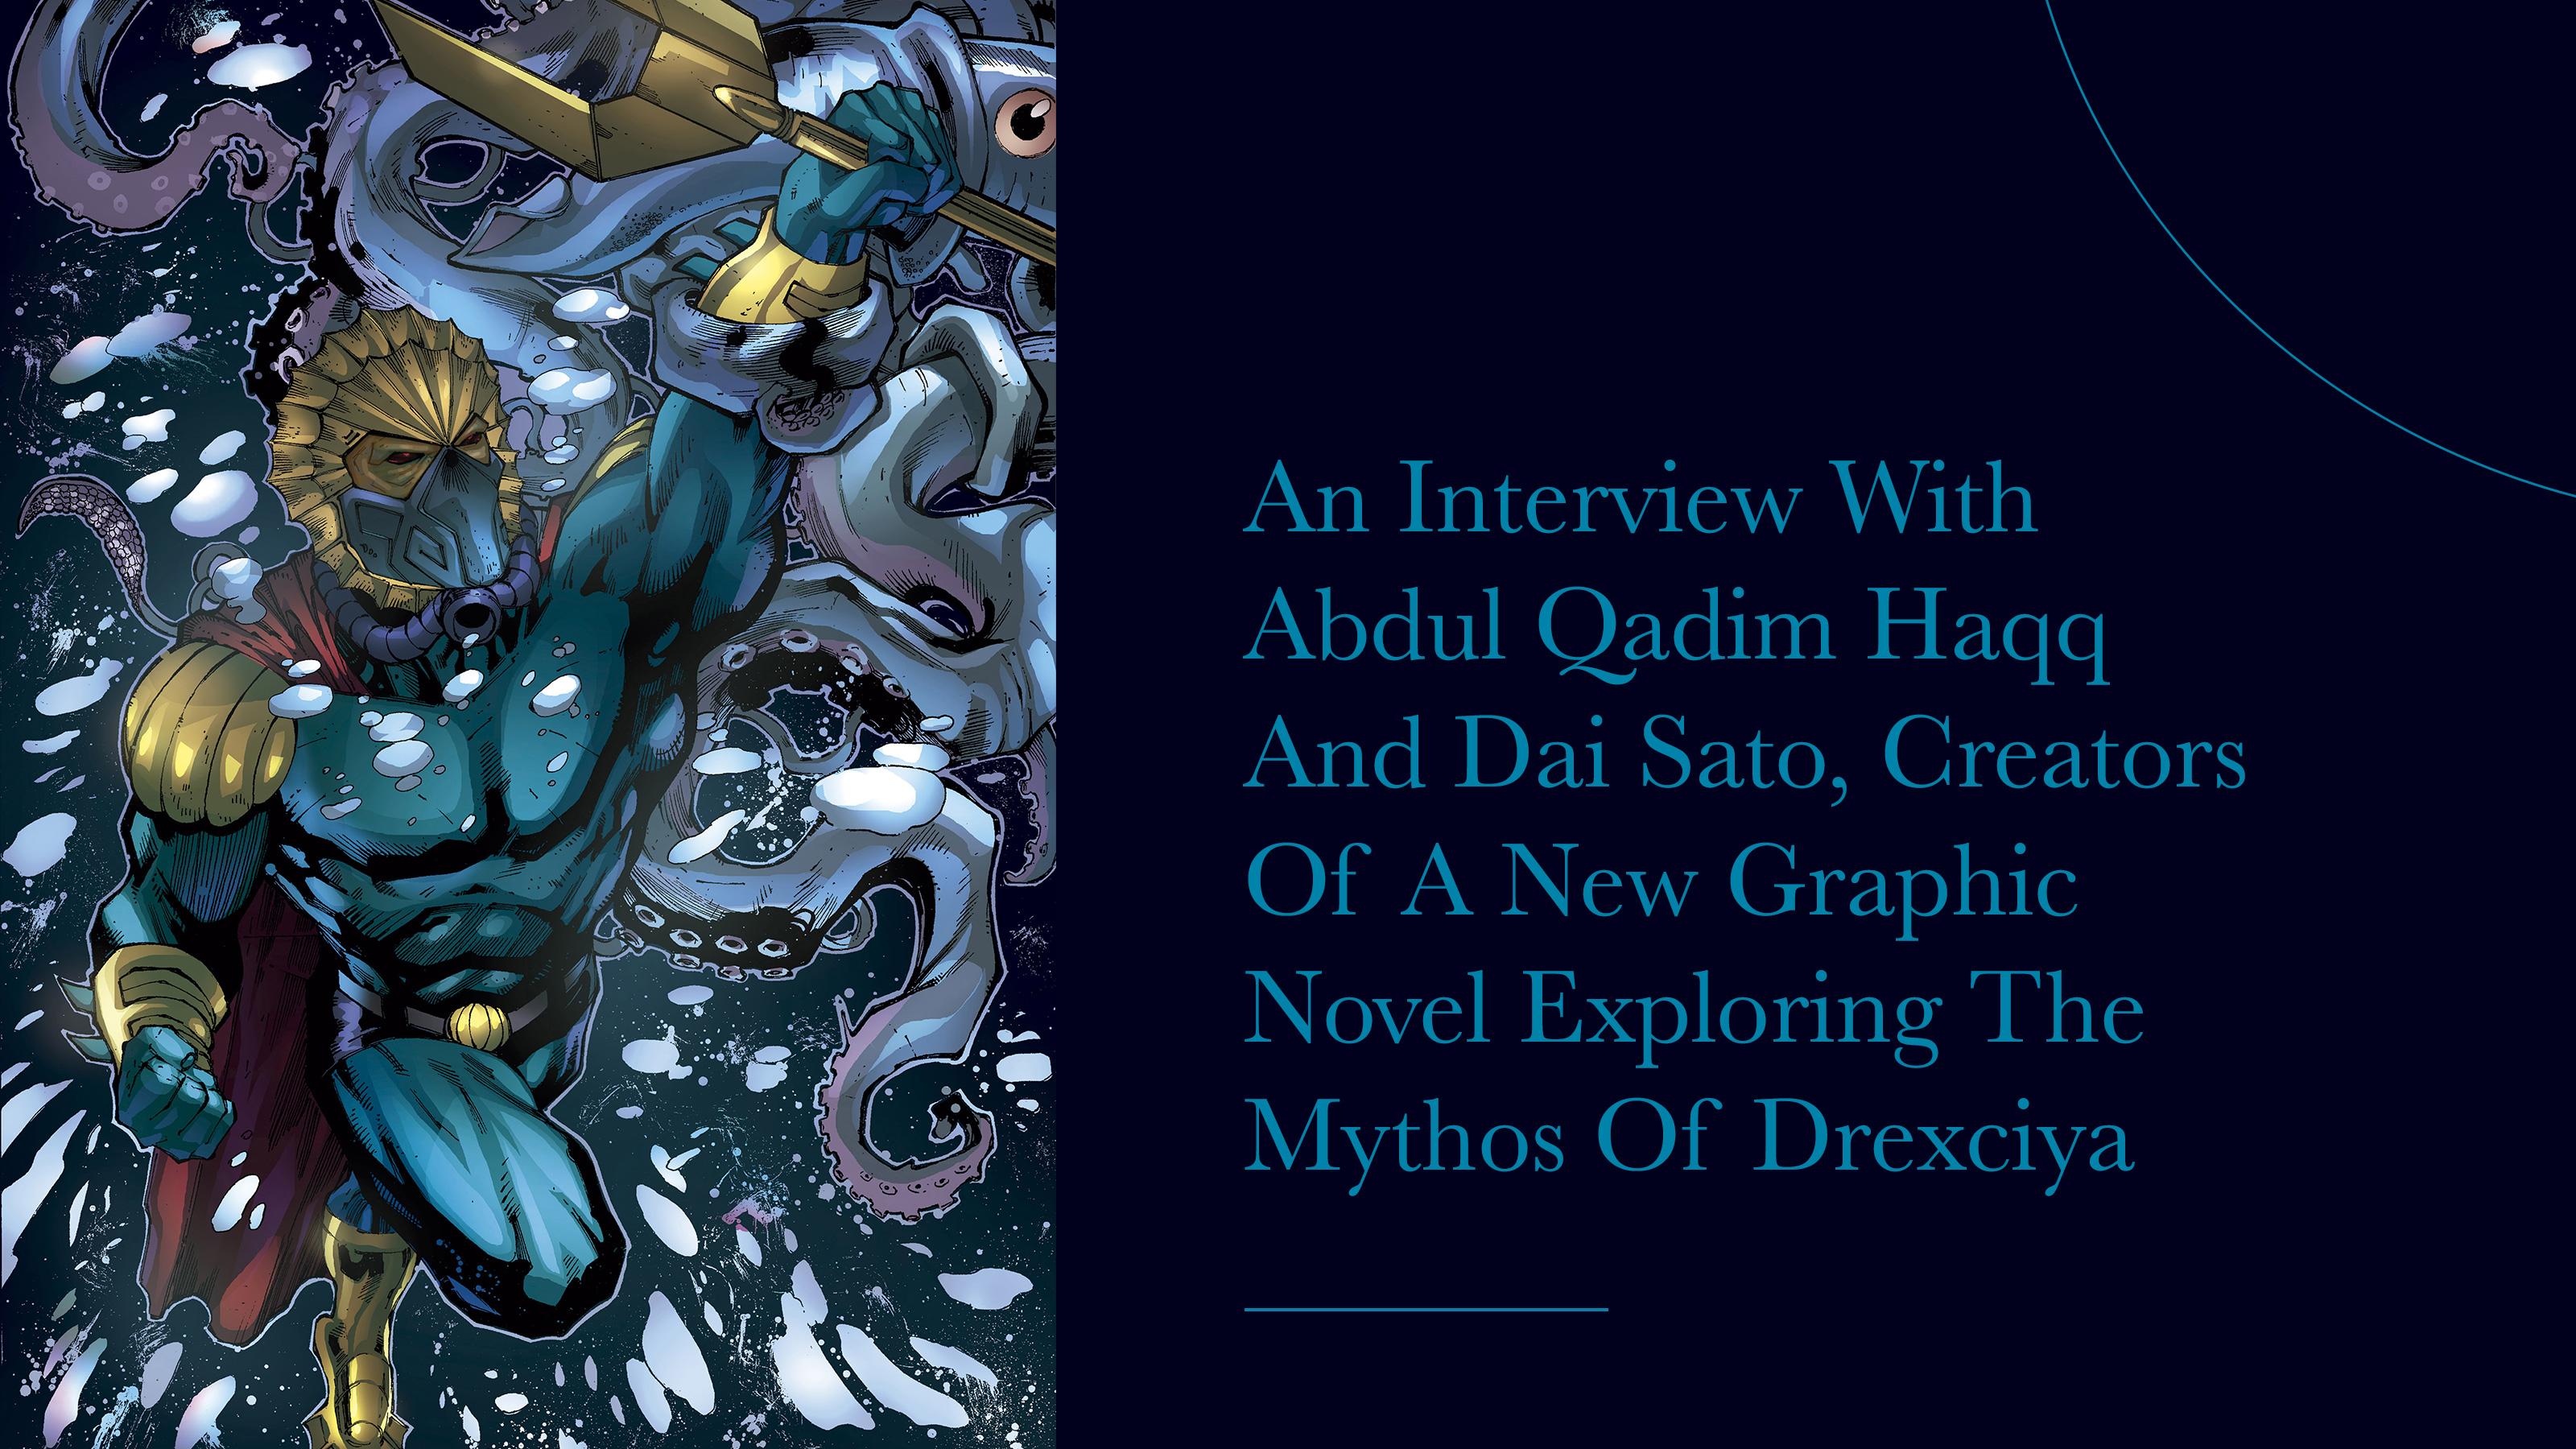 Drexciyaの神話を掘り下げる新たなグラフィックノベルの著者、Abdul Qadim Haqqと佐藤大へのインタビュー